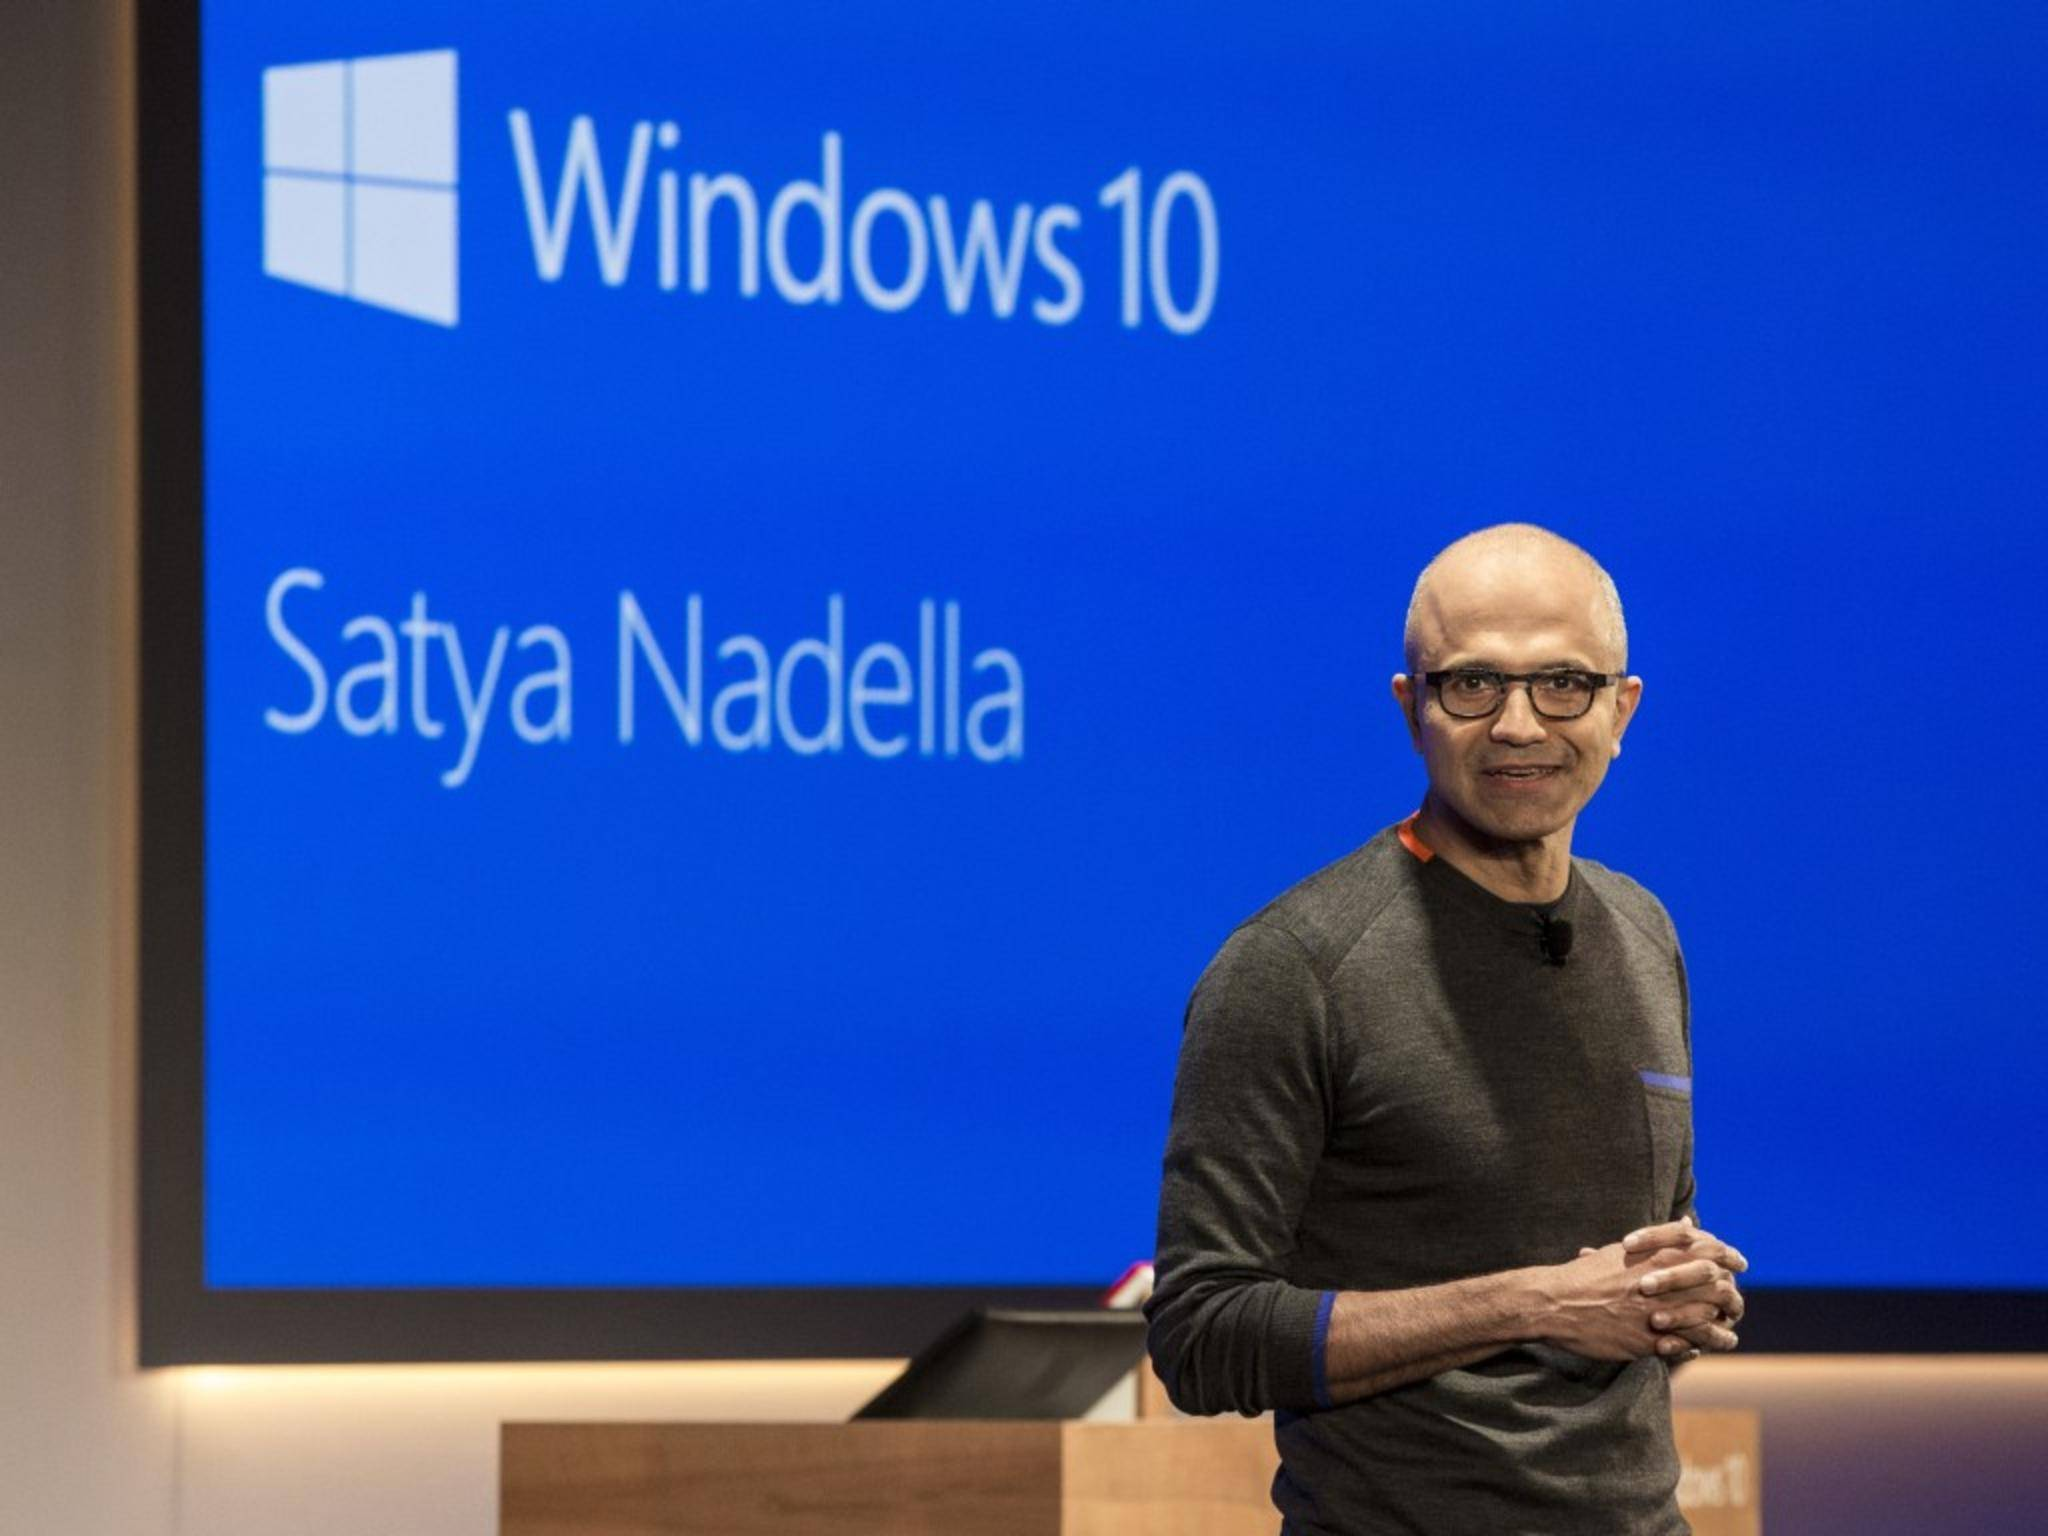 """Satya Nadella gibt zu: """"Windows 10 ist kostenlos, um Windows Phone zu stärken""""."""